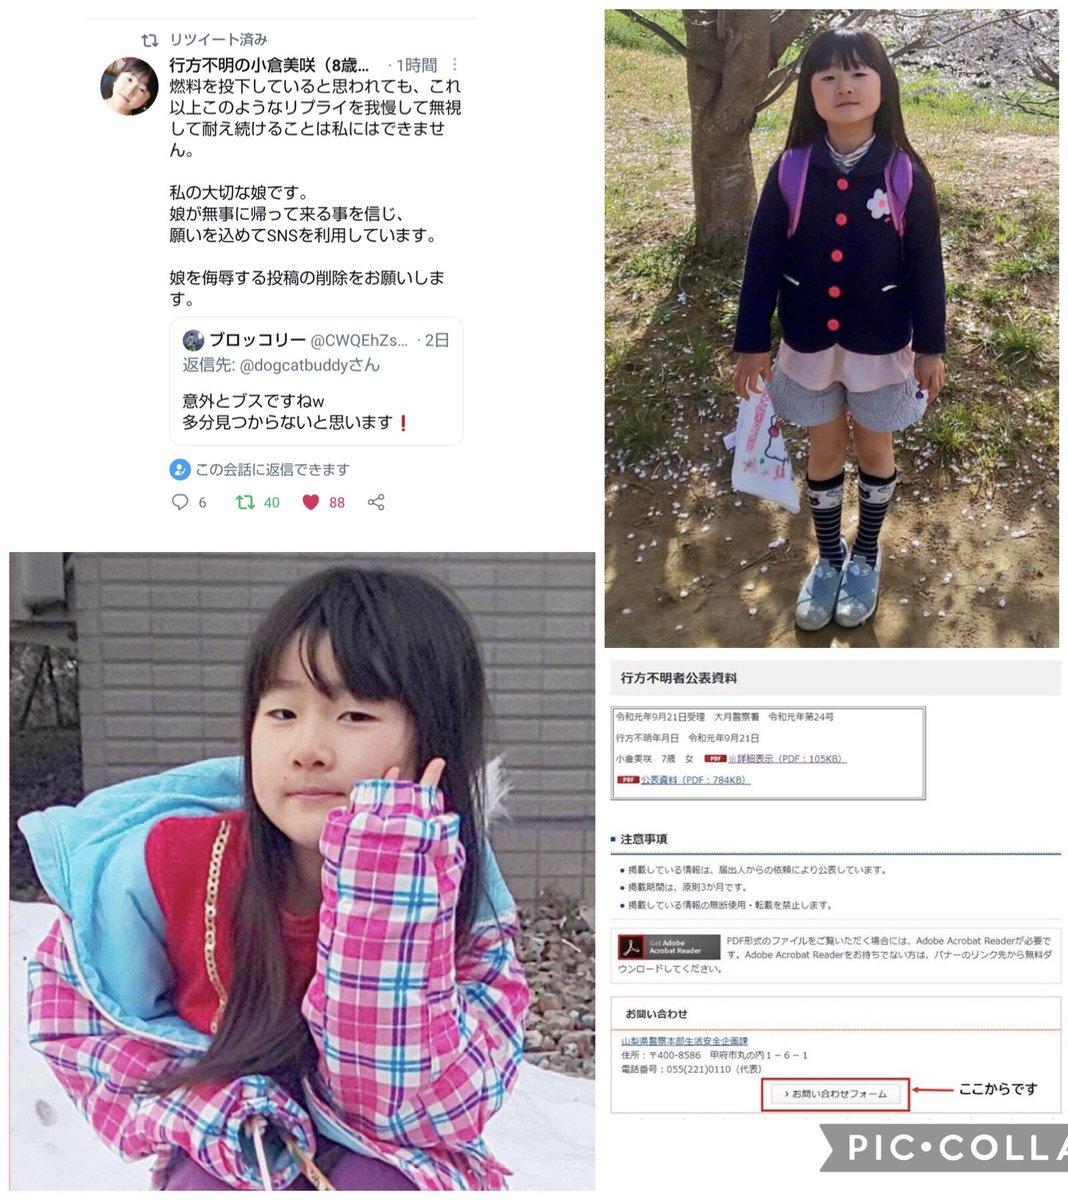 母親 山梨 行方不明 【家族開設HP】行方不明の娘、小倉美咲を捜しています。